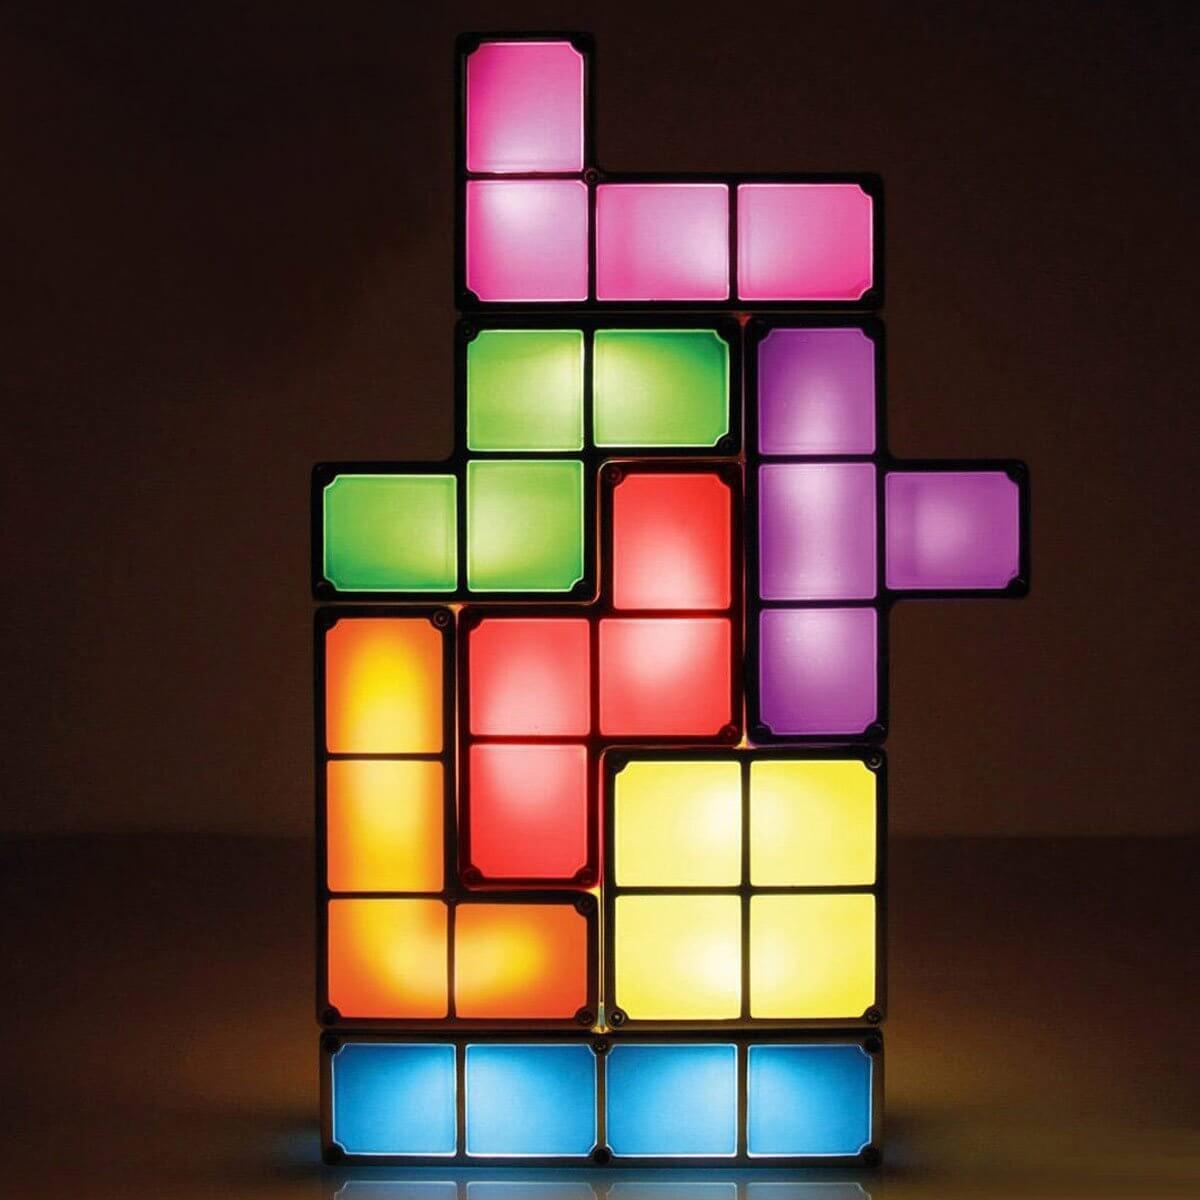 Nerd Geschenke - Die besten Gadgets für Geeks - Tetris Lampe - Dekoration im Retro Design - Gaming Licht